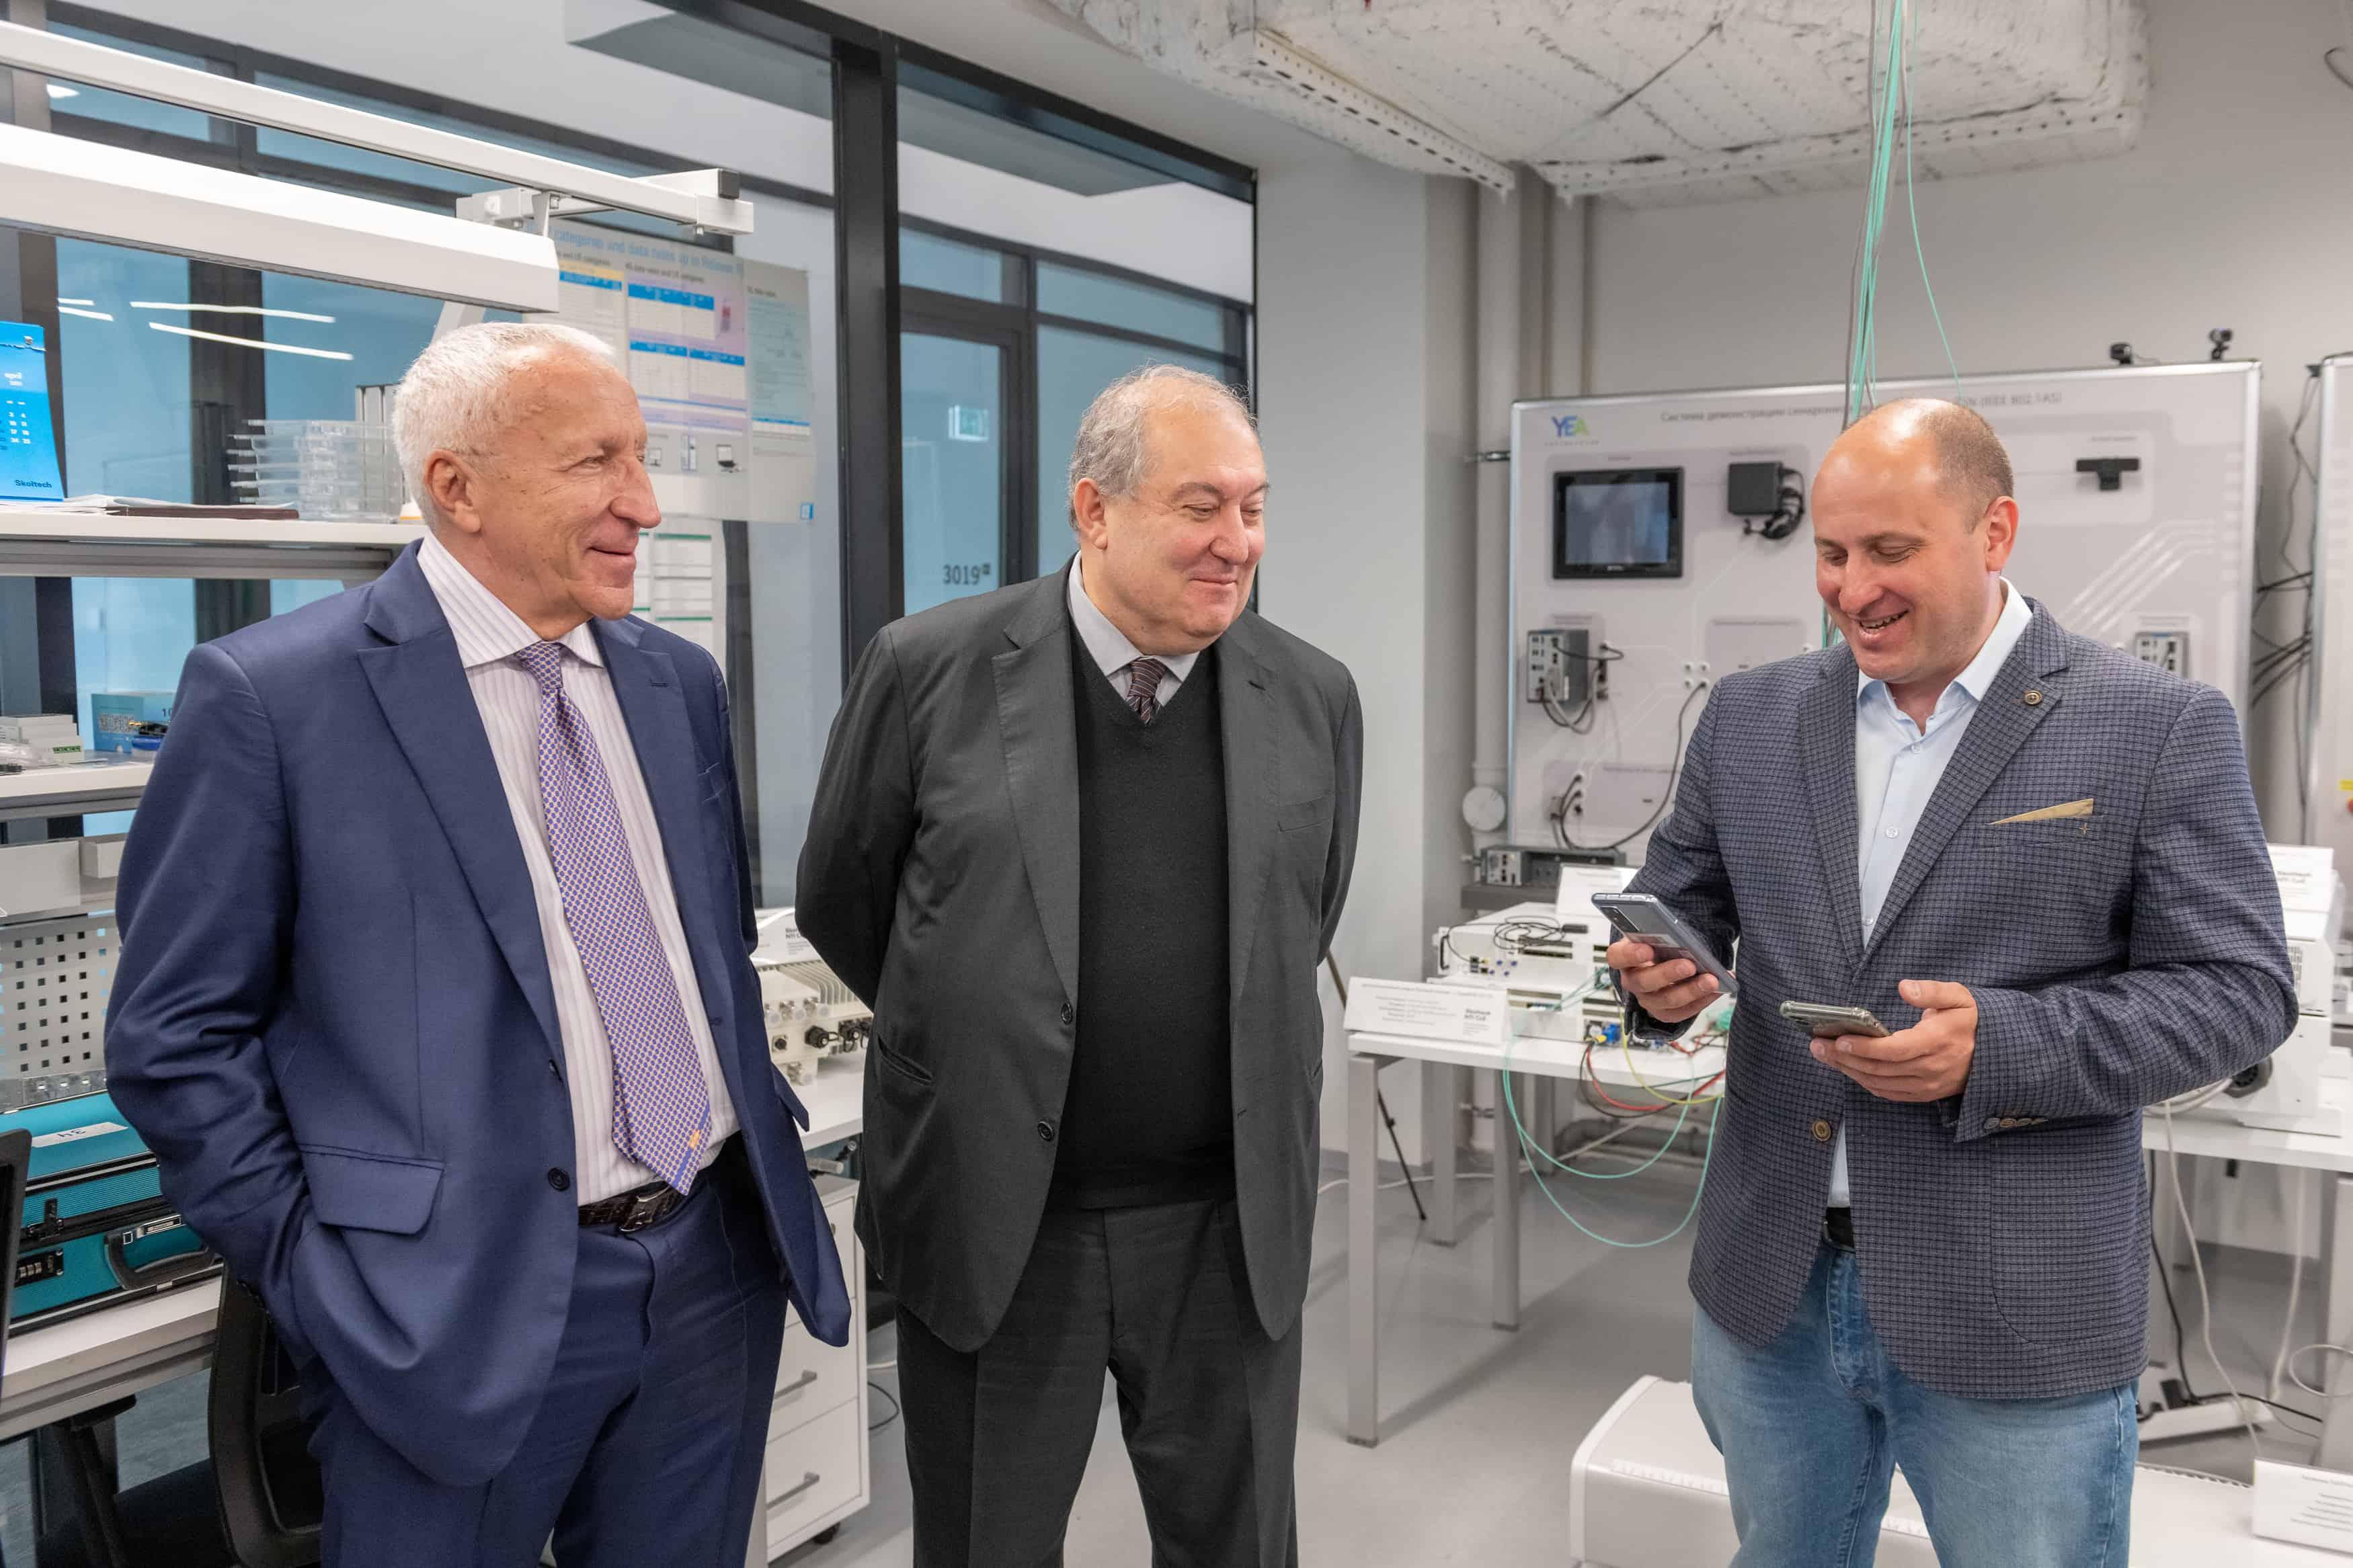 12 мая 2021 года Сколтех посетил Армен Саркисян, президент Республики Армения. Дмитрий Лаконцев, руководитель Центра компетенций НТИ по технологиям беспроводной связи и интернета вещей (ЦК НТИ) рассказал гостю о разработках…